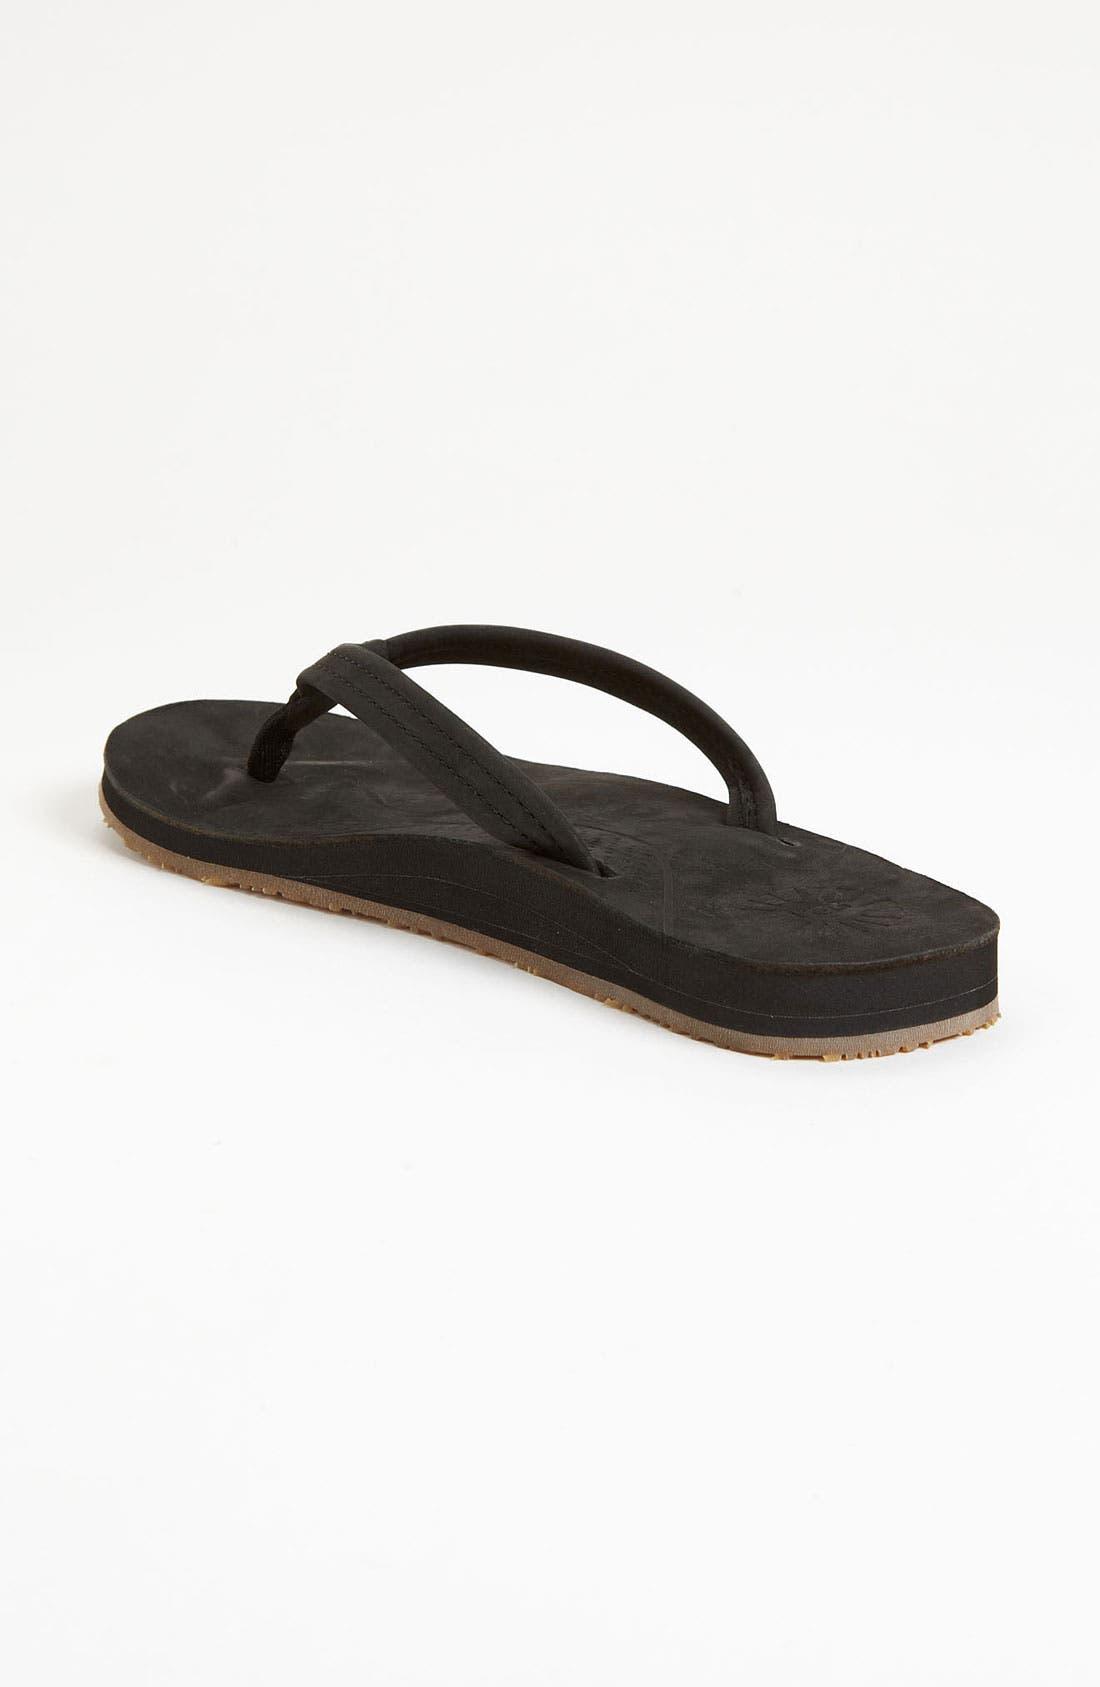 Alternate Image 2  - UGG® 'Kayla' Thong Sandal (Women)